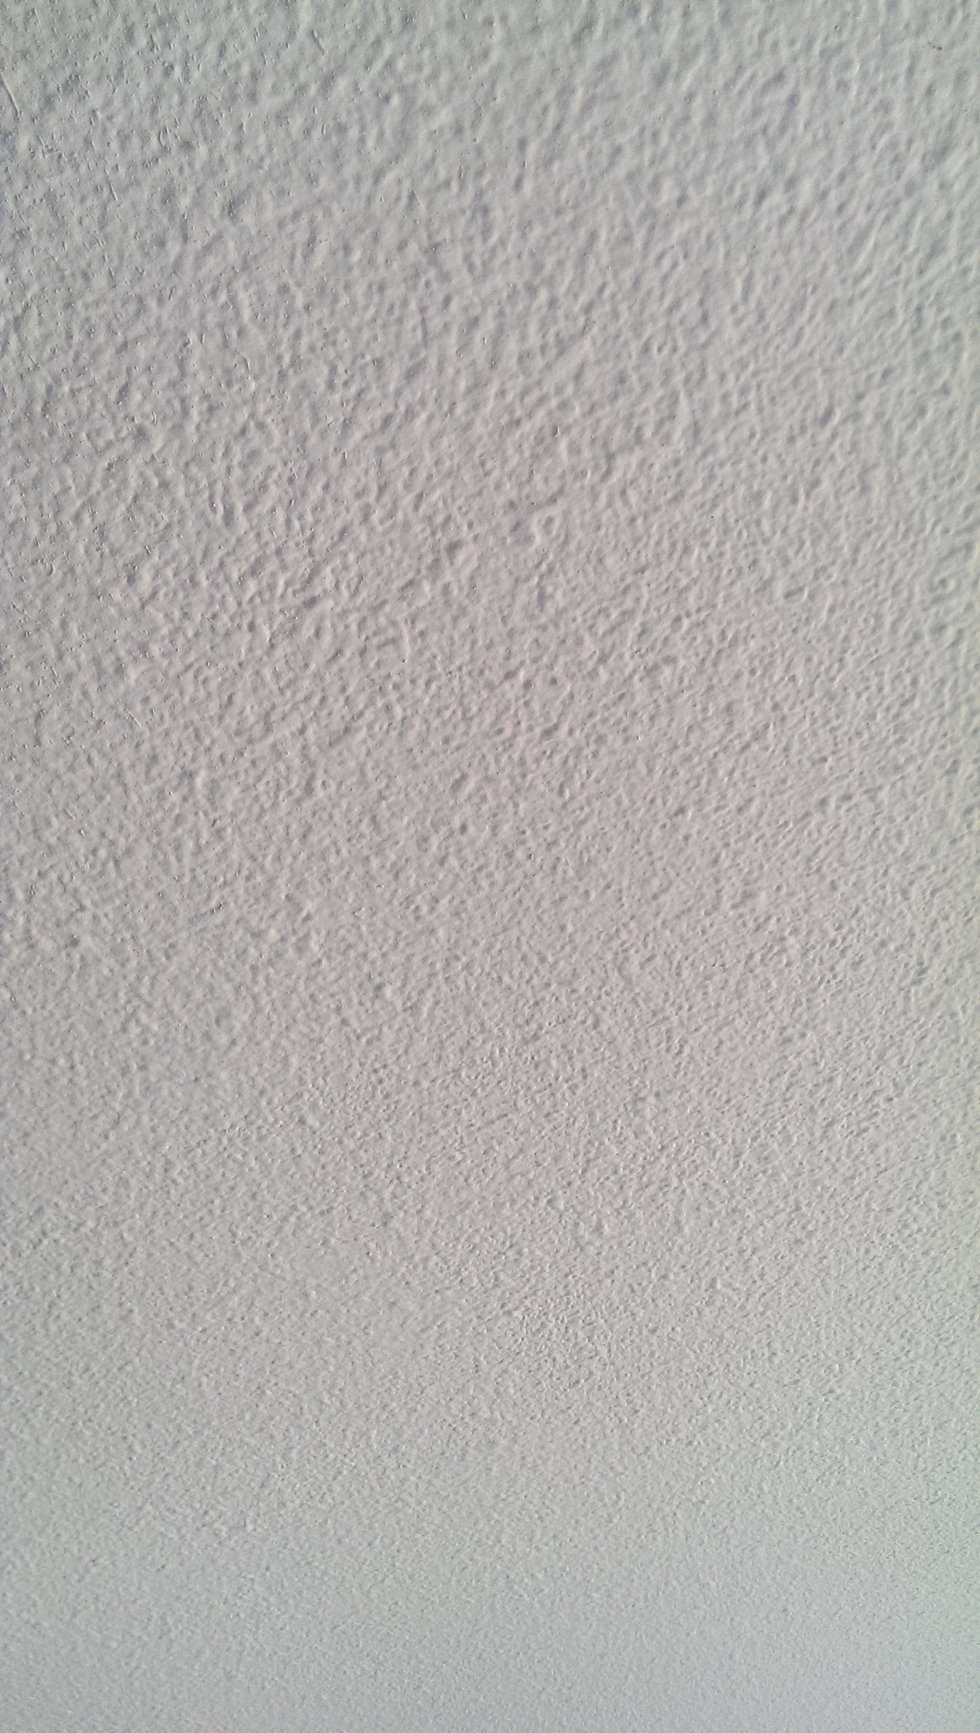 Nouvel 39 r peinture pour vos travaux dans le neuf for Retouche peinture plafond